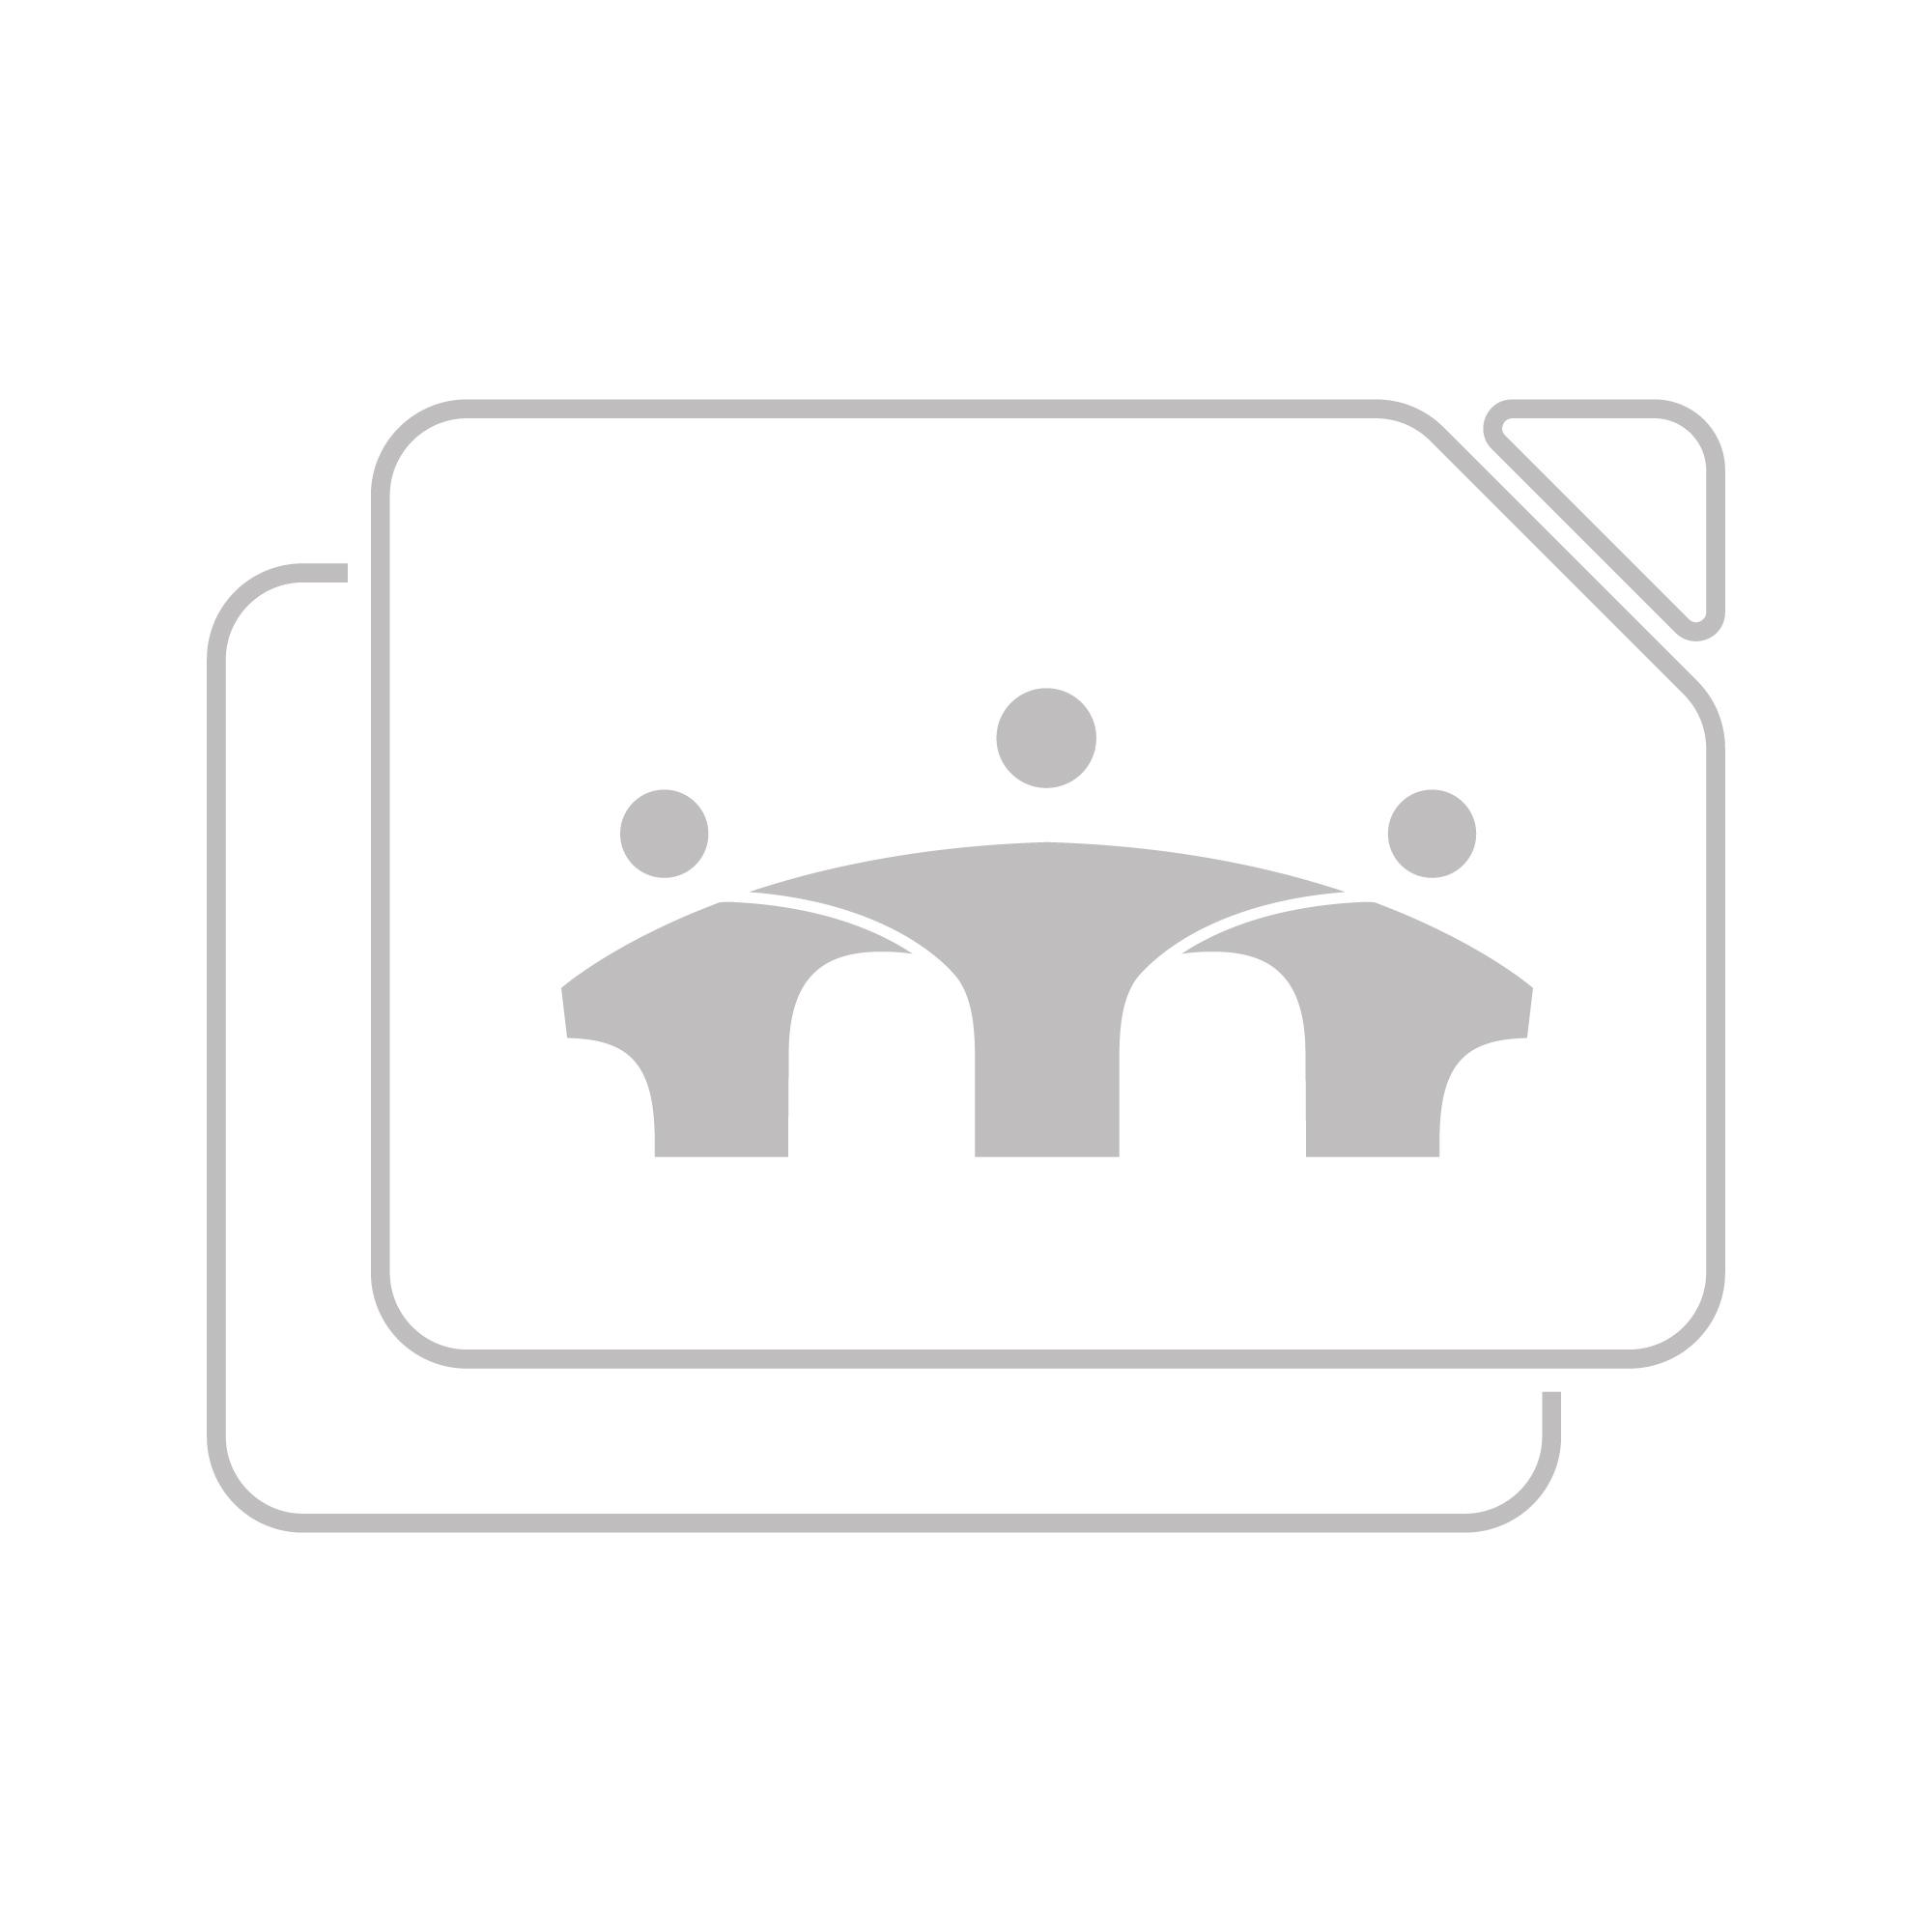 Logitech TAP SCHEDULER - GRAPHITE - WW